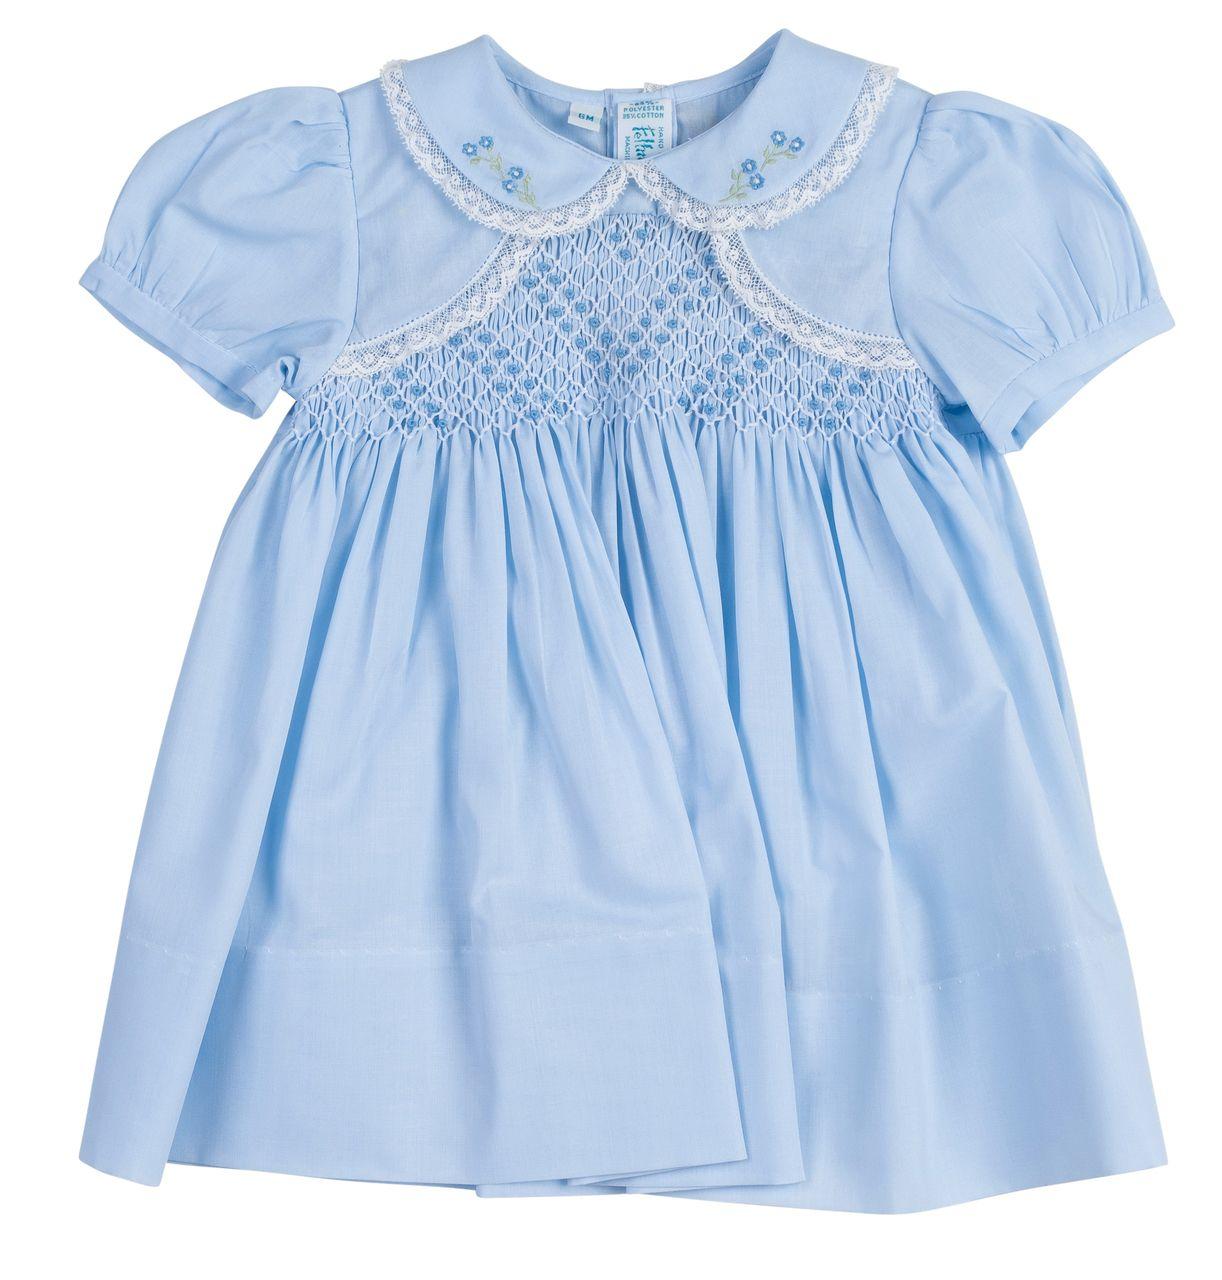 Photo of Smocked Bolero Dress